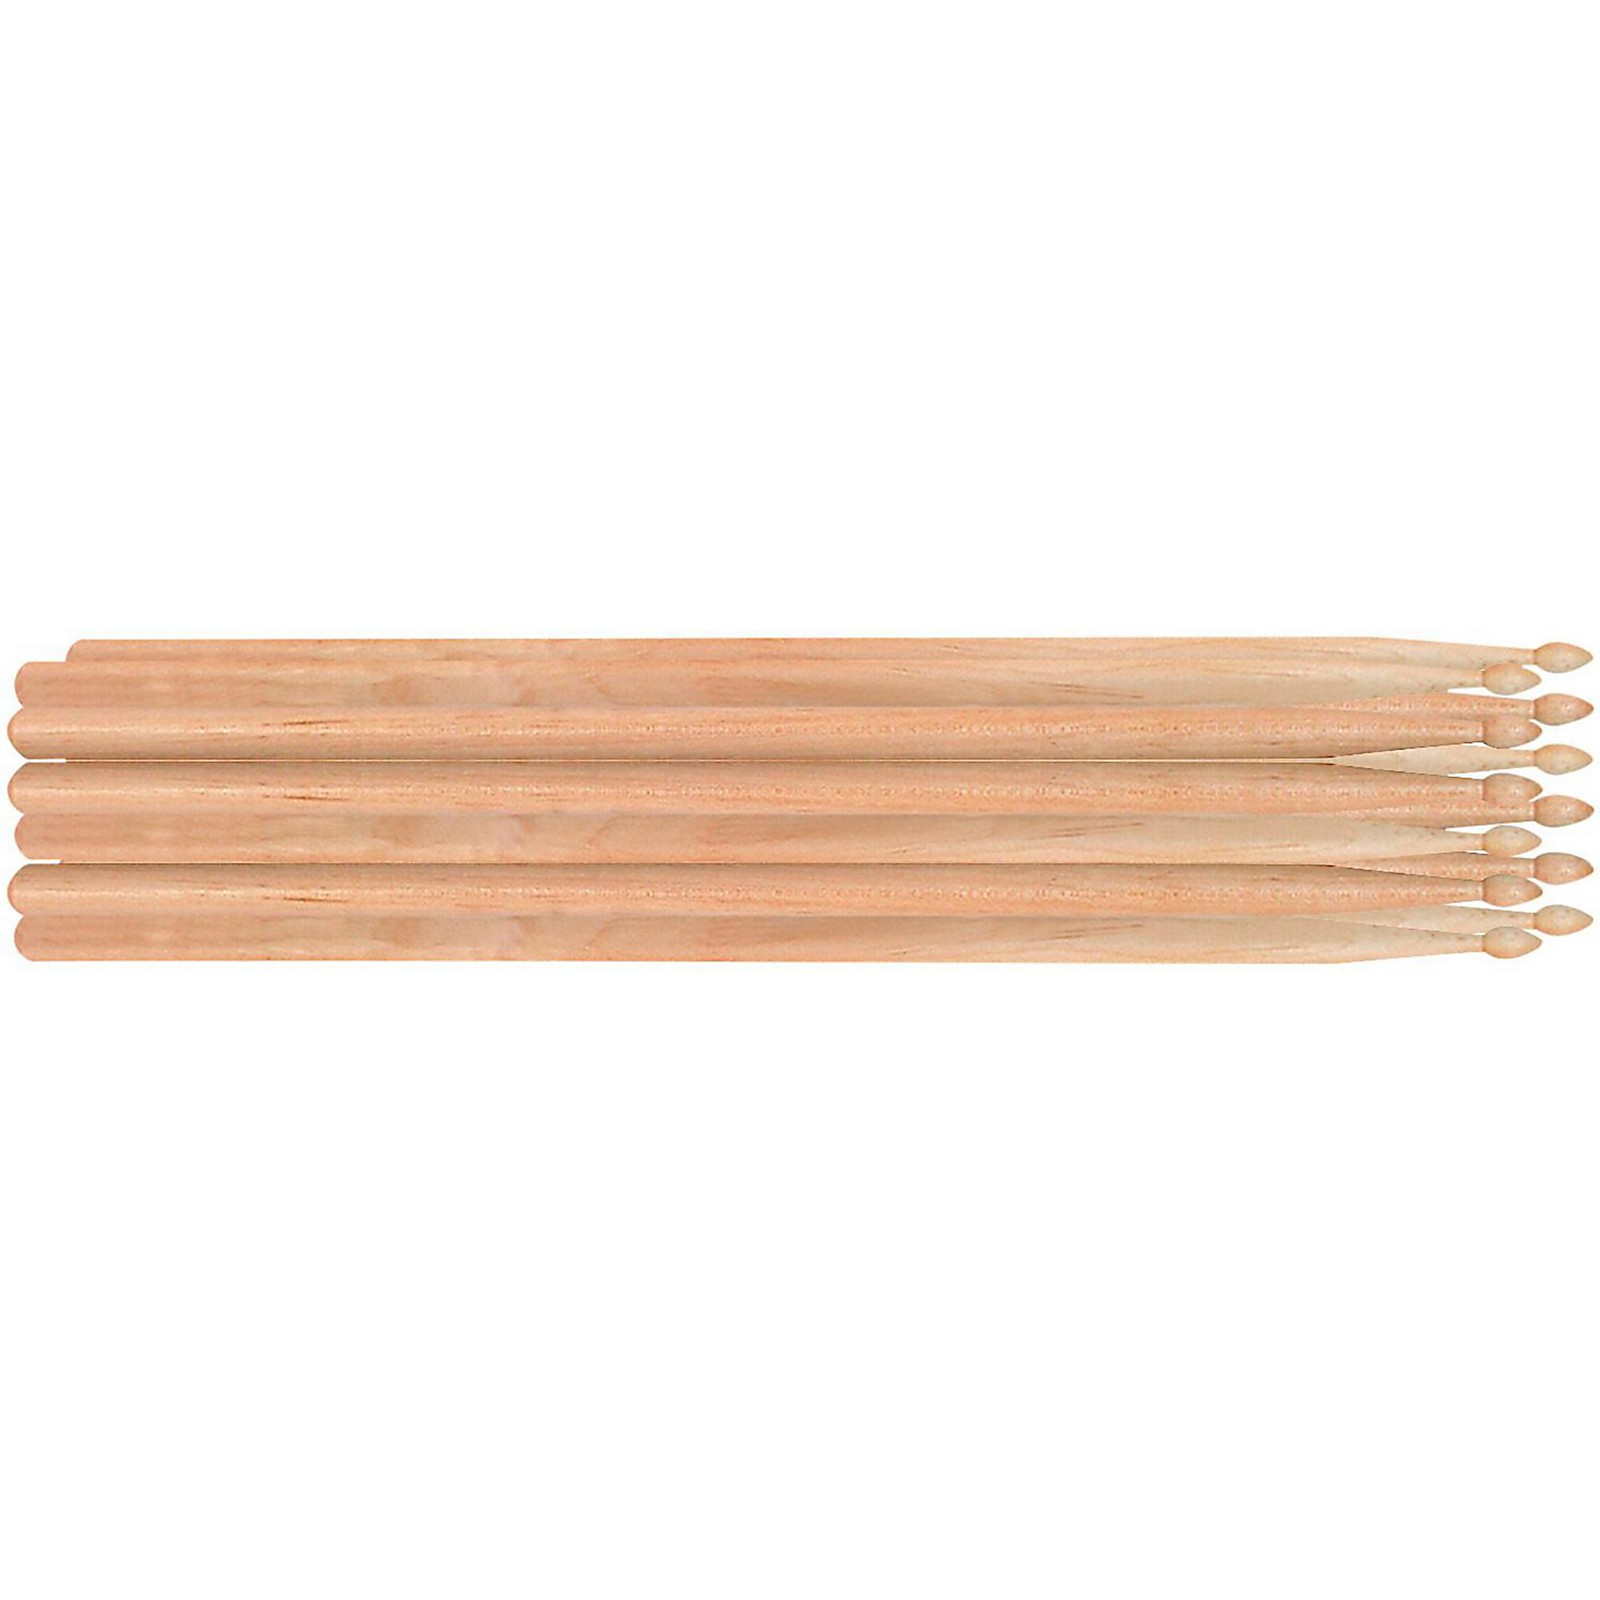 Promark LA Special Drum Sticks 12-Pack